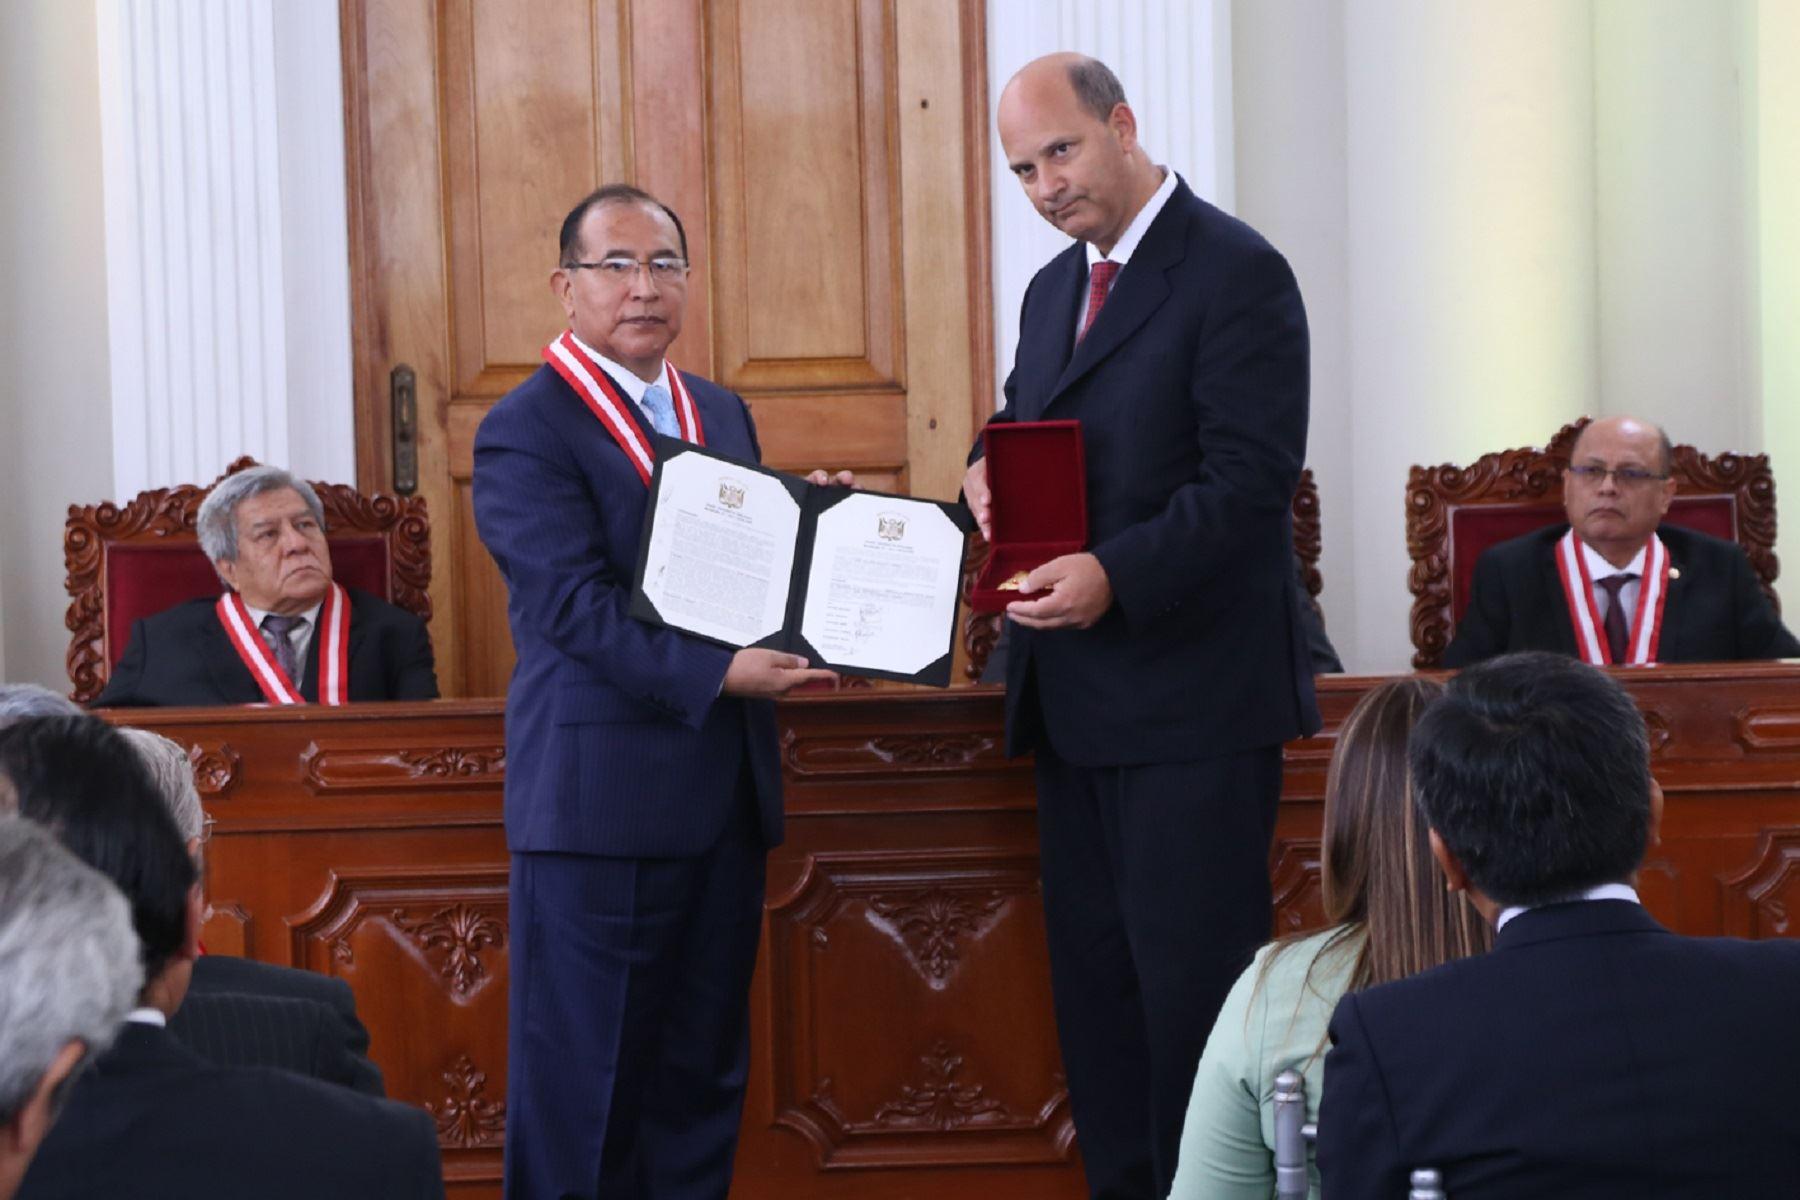 Presidente del JNE, Víctor Ticona durante celebración del 87 aniversario del organismo electoral. Foto: Difusión.